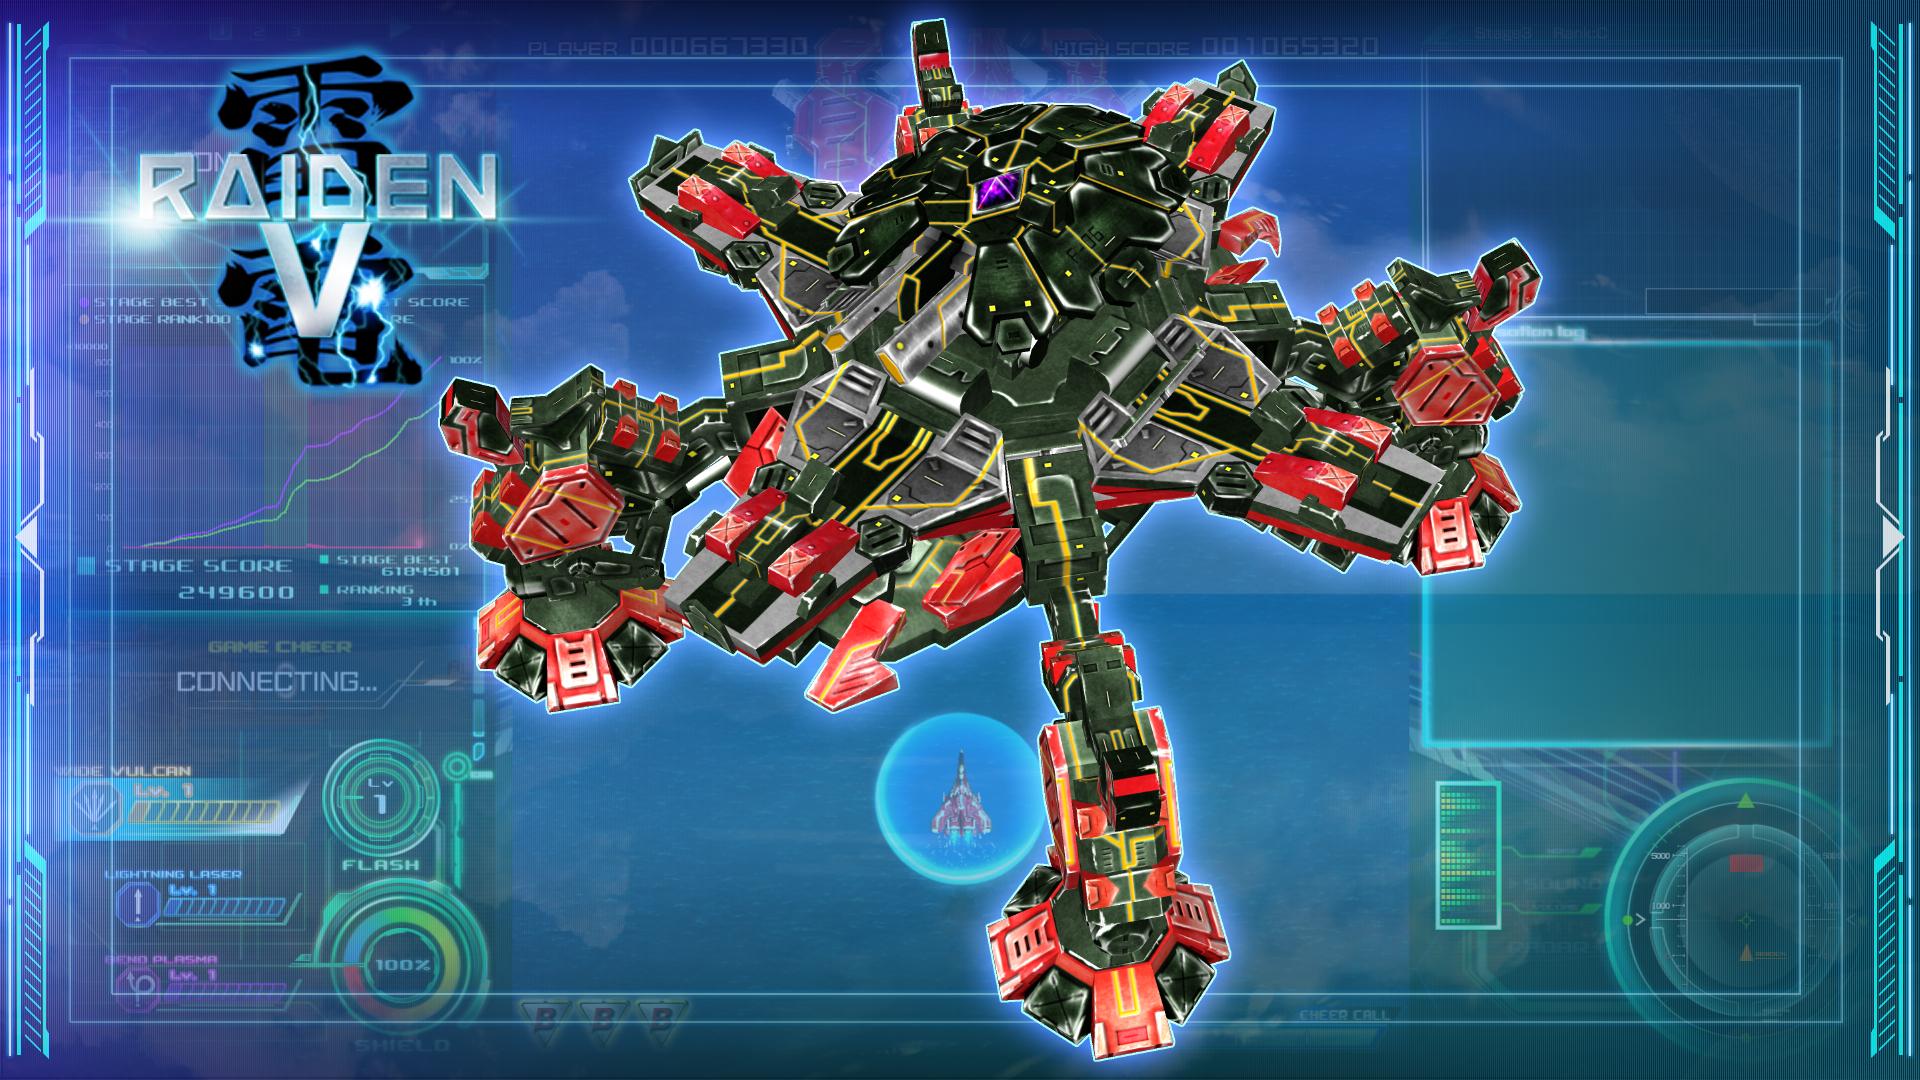 オペレーション3 ステージ3ボス撃破 achievement for Raiden V on Xbox One